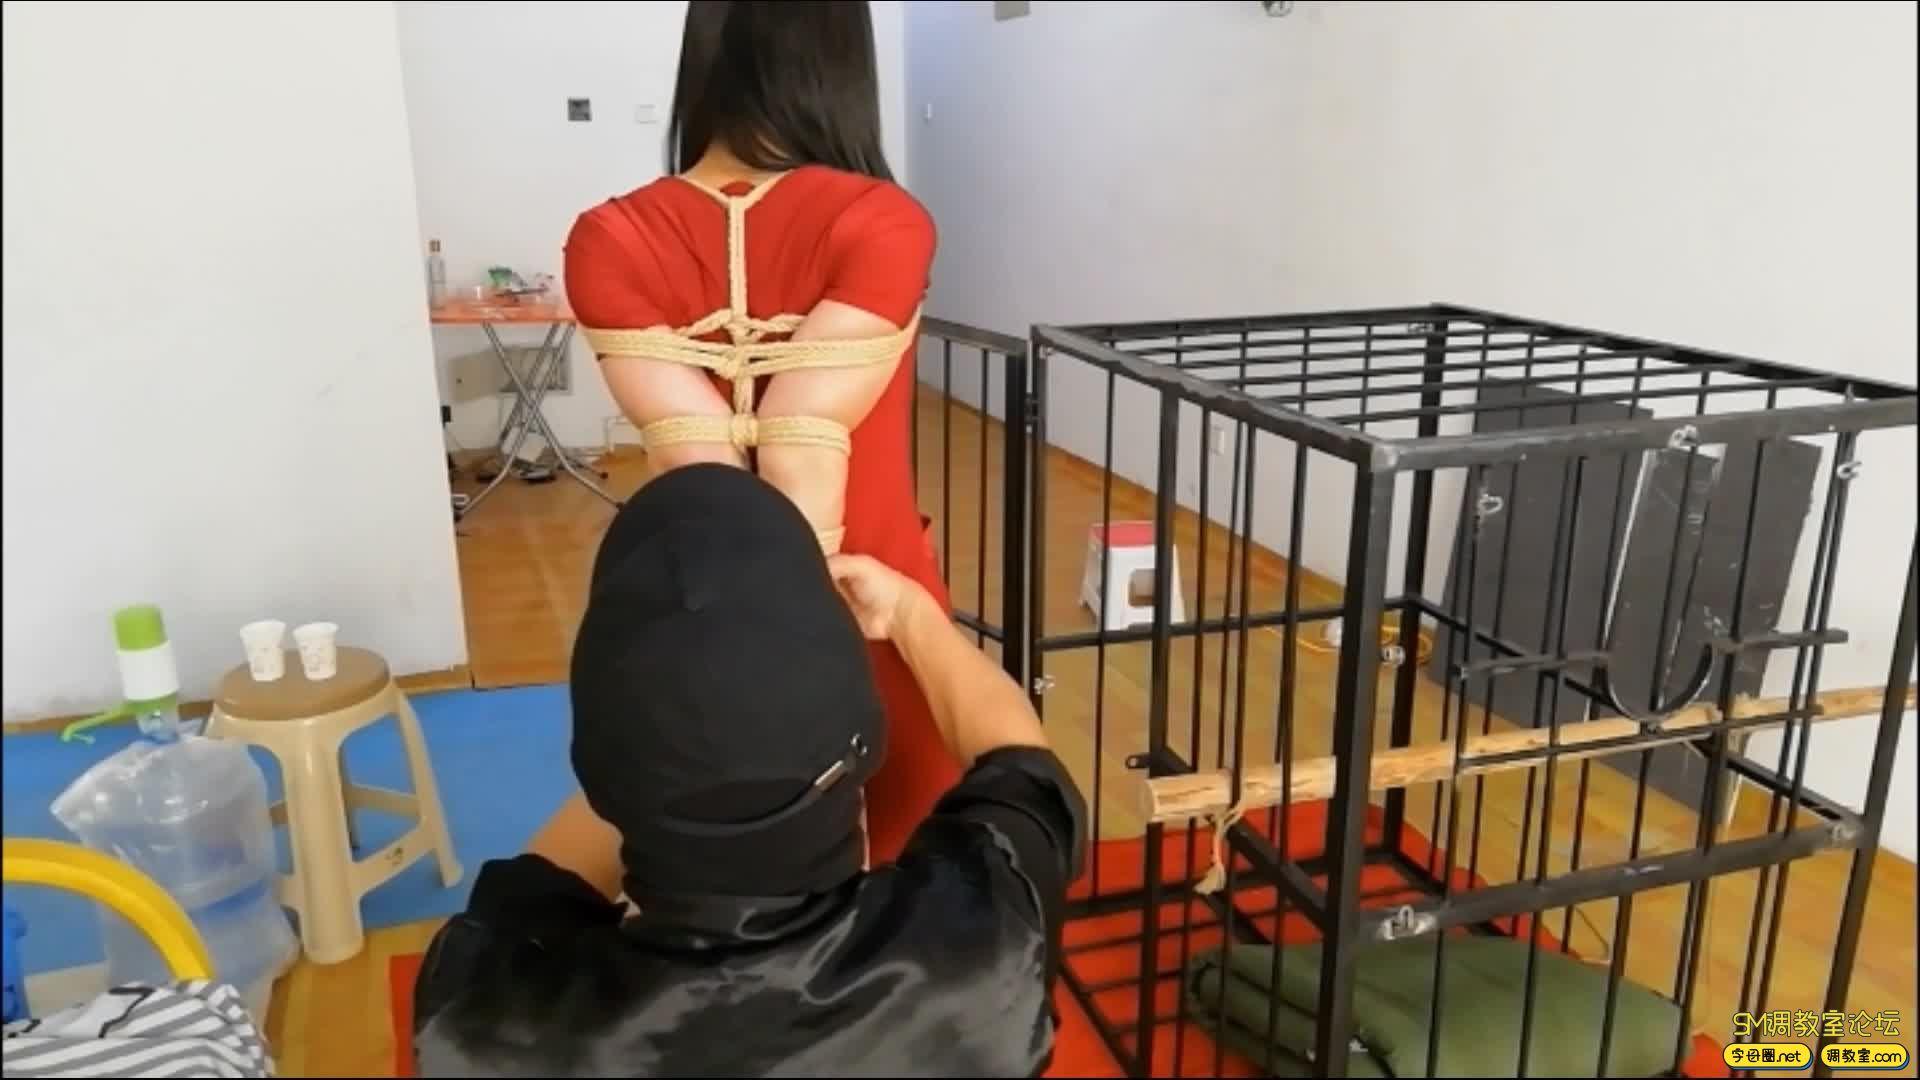 飞天原创 以绳会友,奴性十足的M体验残酷的笼子直臂跪立吊缚-视频截图3